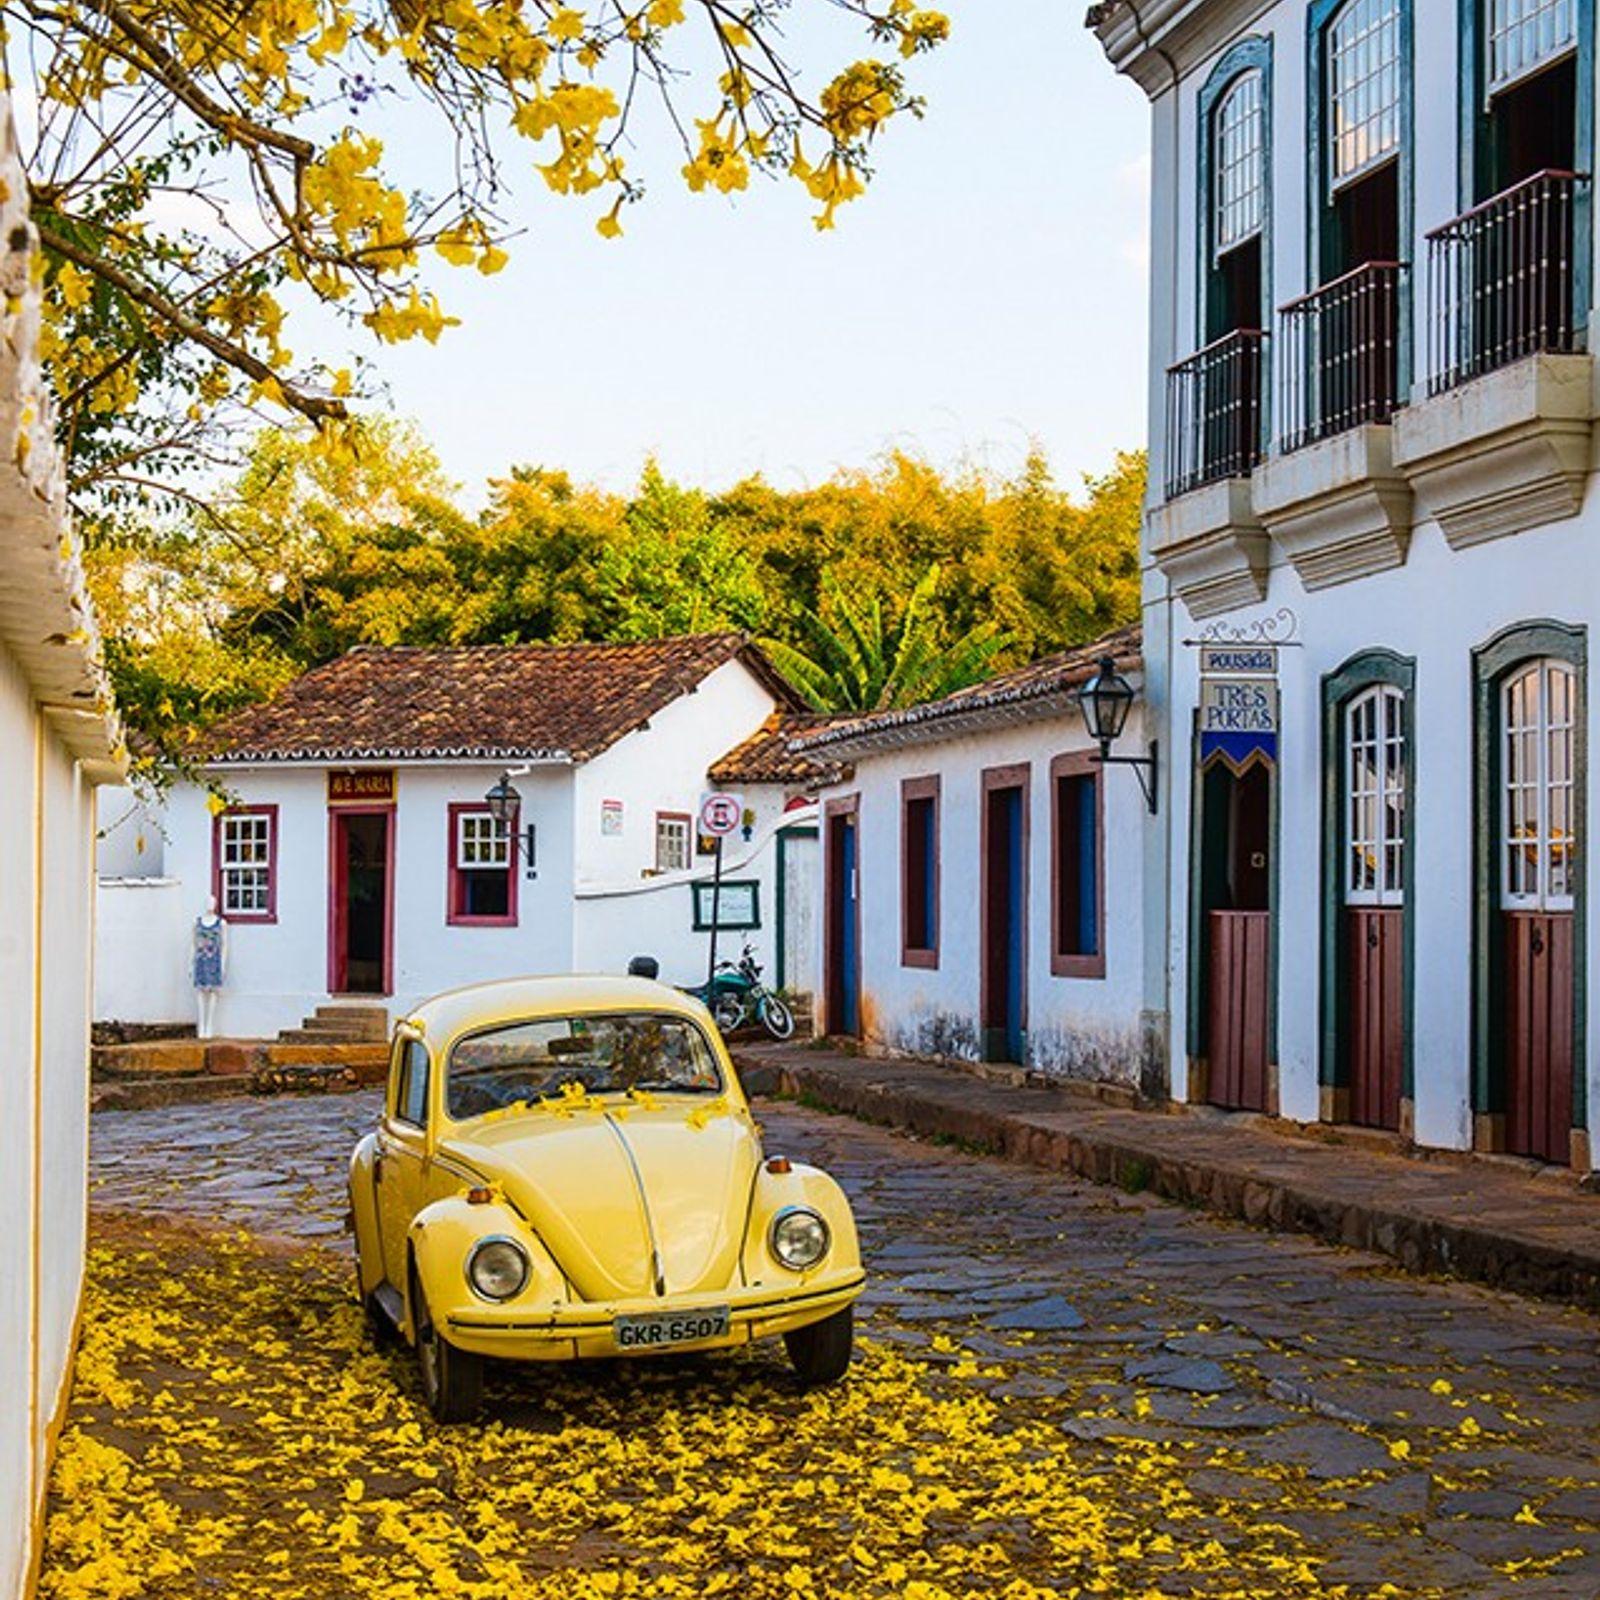 Ipê e fusca amarelos em Tiradentes, Minas Gerais